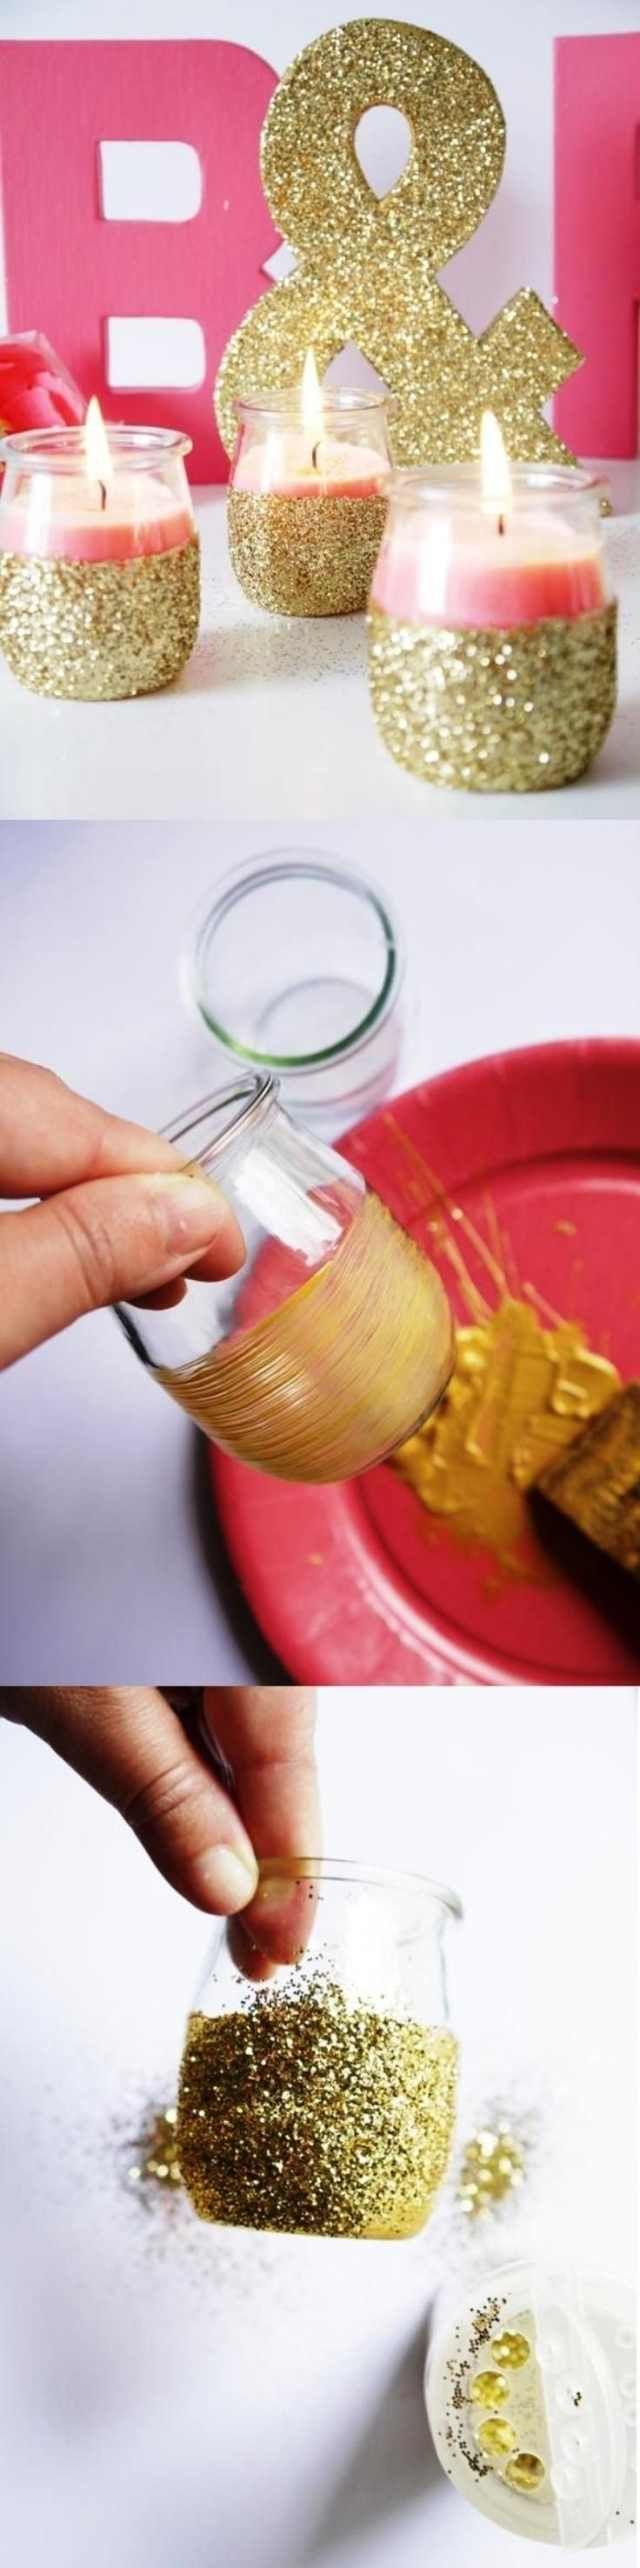 Badezimmer dekor mit einweckgläsern tischdeko hochzeit selber machen kerzenhalter goldener glitzer